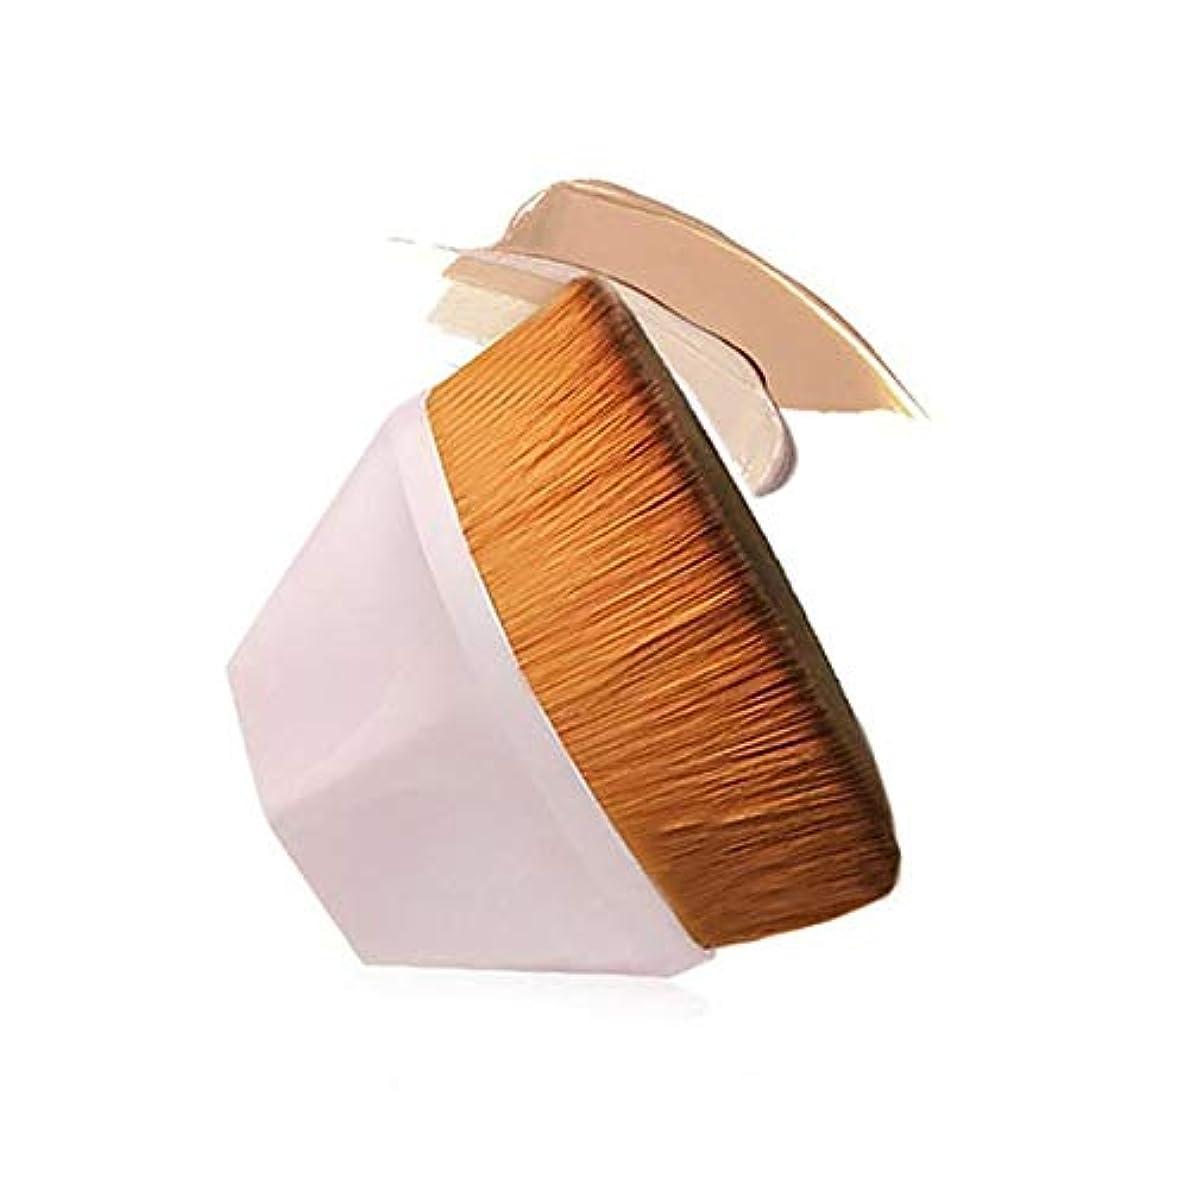 プログラム最高ツールCHANGYUXINTAI-HUAZHUANGSHUA 六角BeFoundation六角美化粧ブラシ、初心者や専門家のためのコンシーラー。 (Color : Beige)